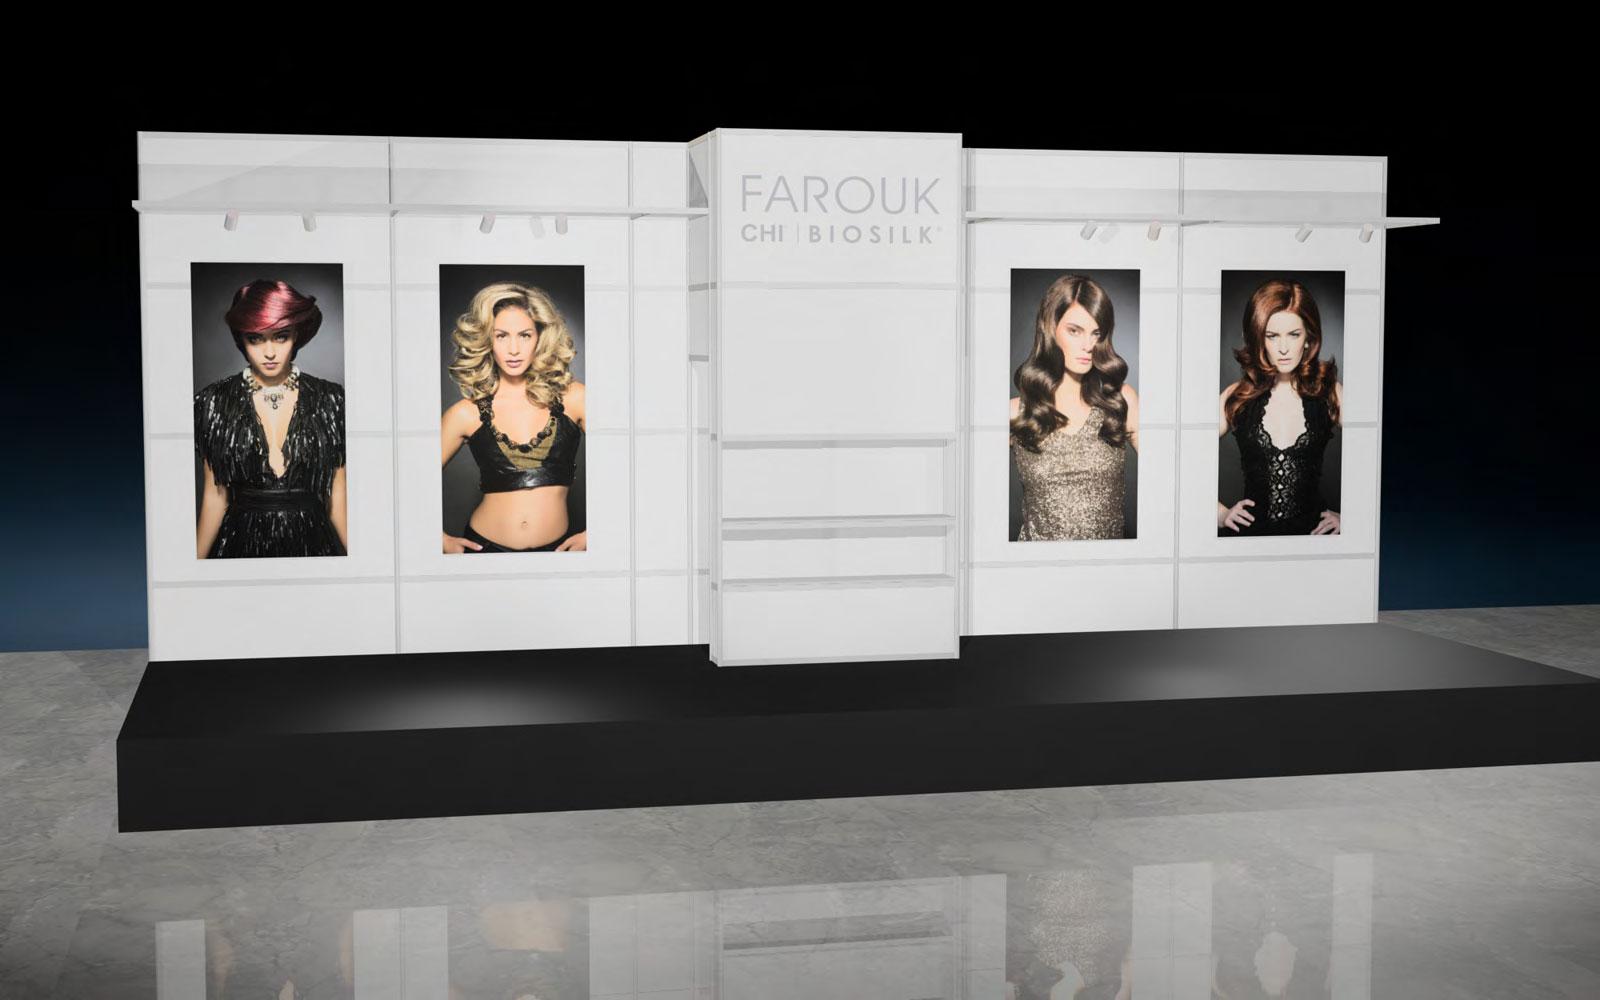 Farouk Exhibit